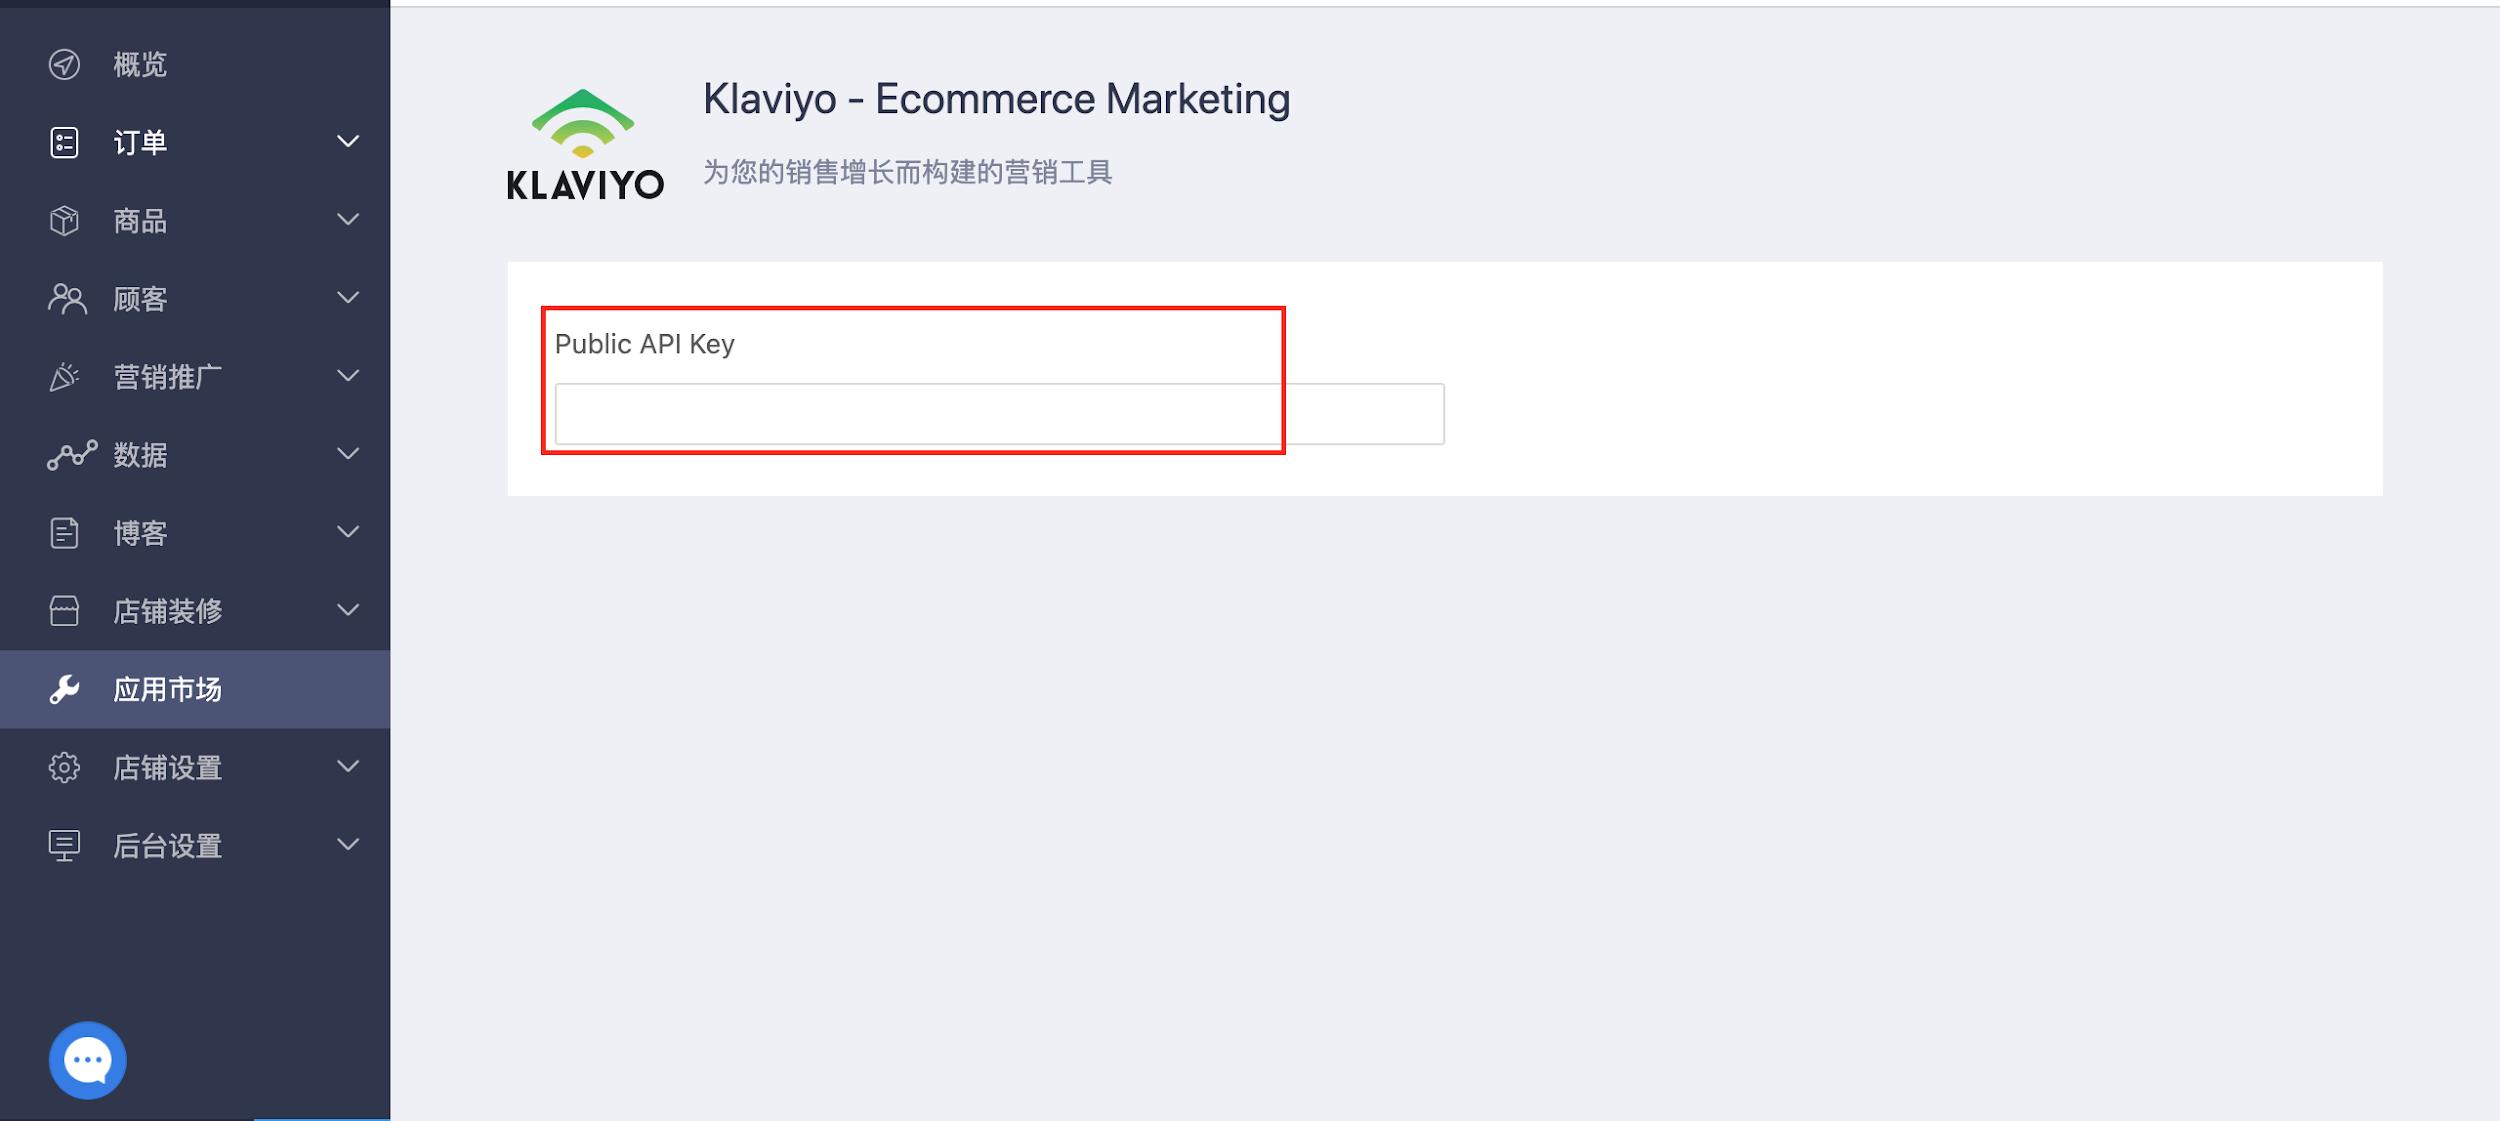 独立站插件Klaviyo-Ecommerce Marketing